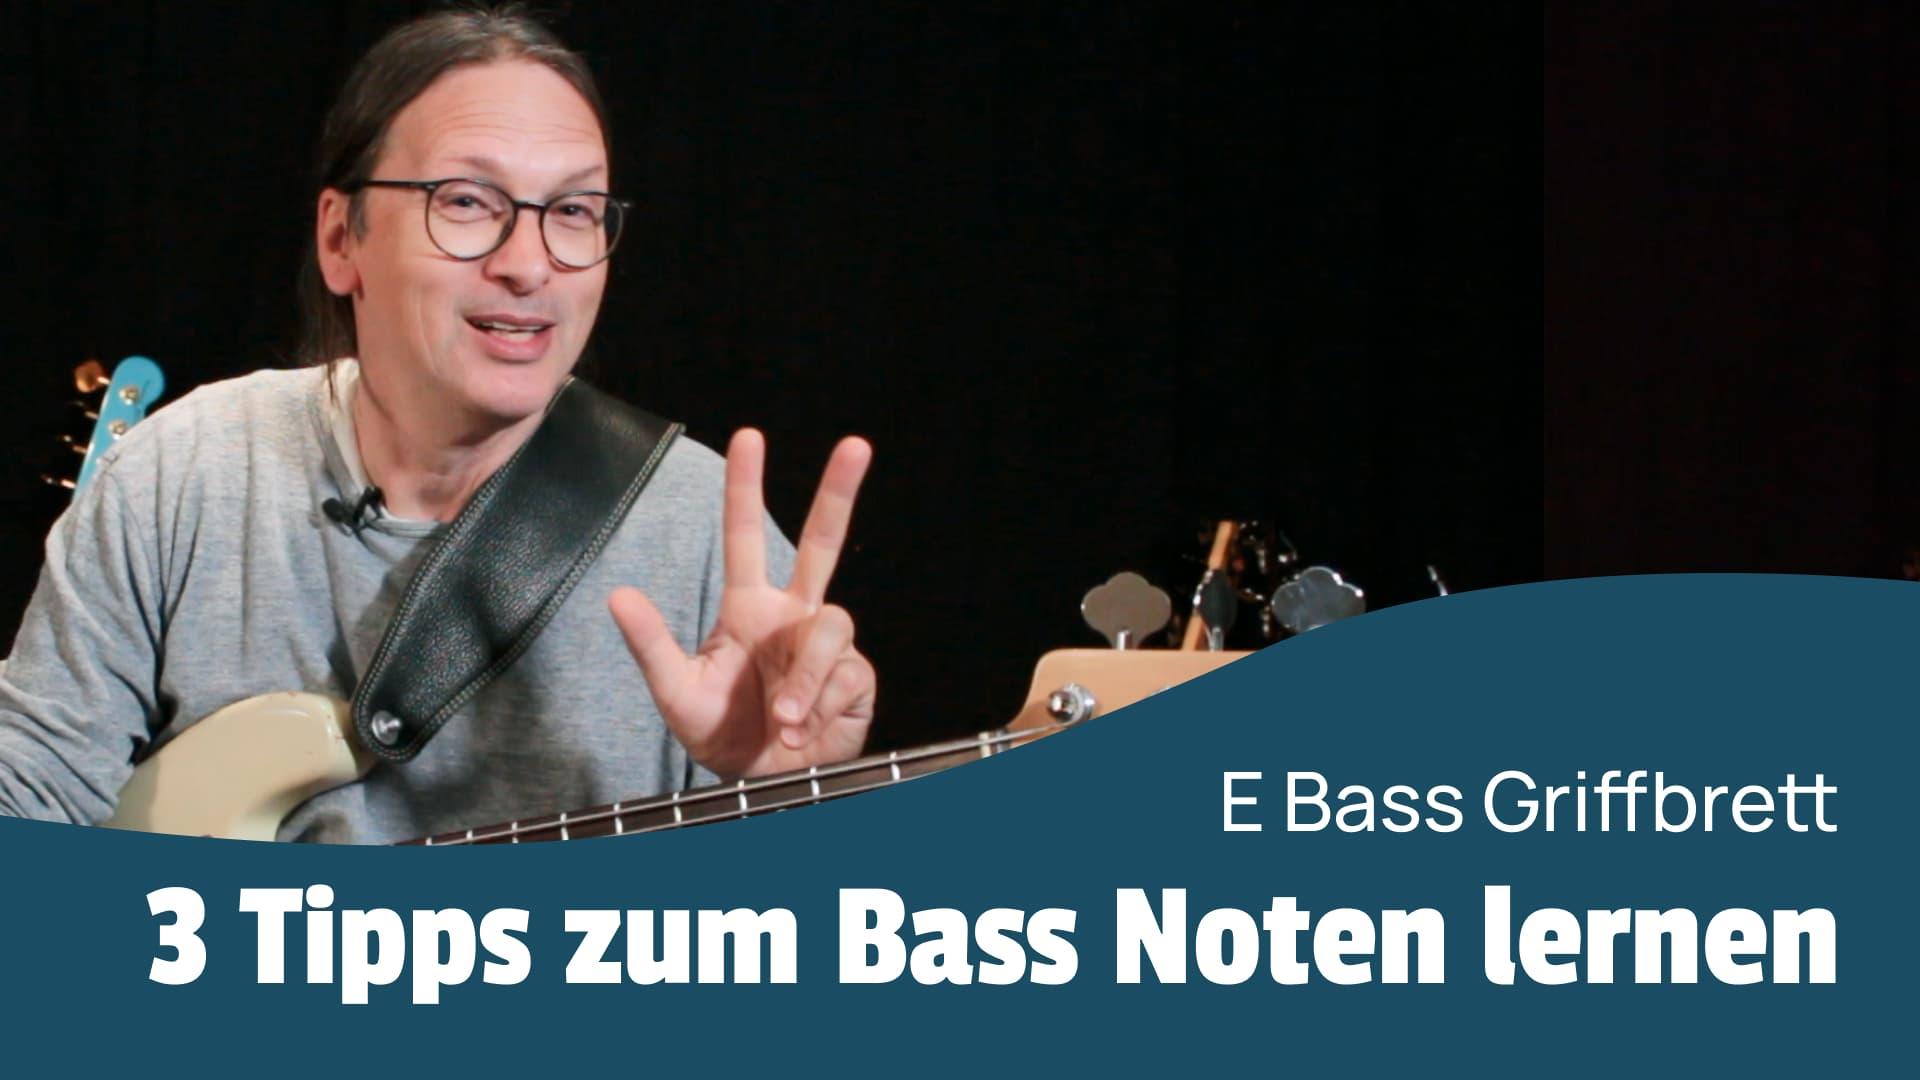 Bass Griffbrett lernen